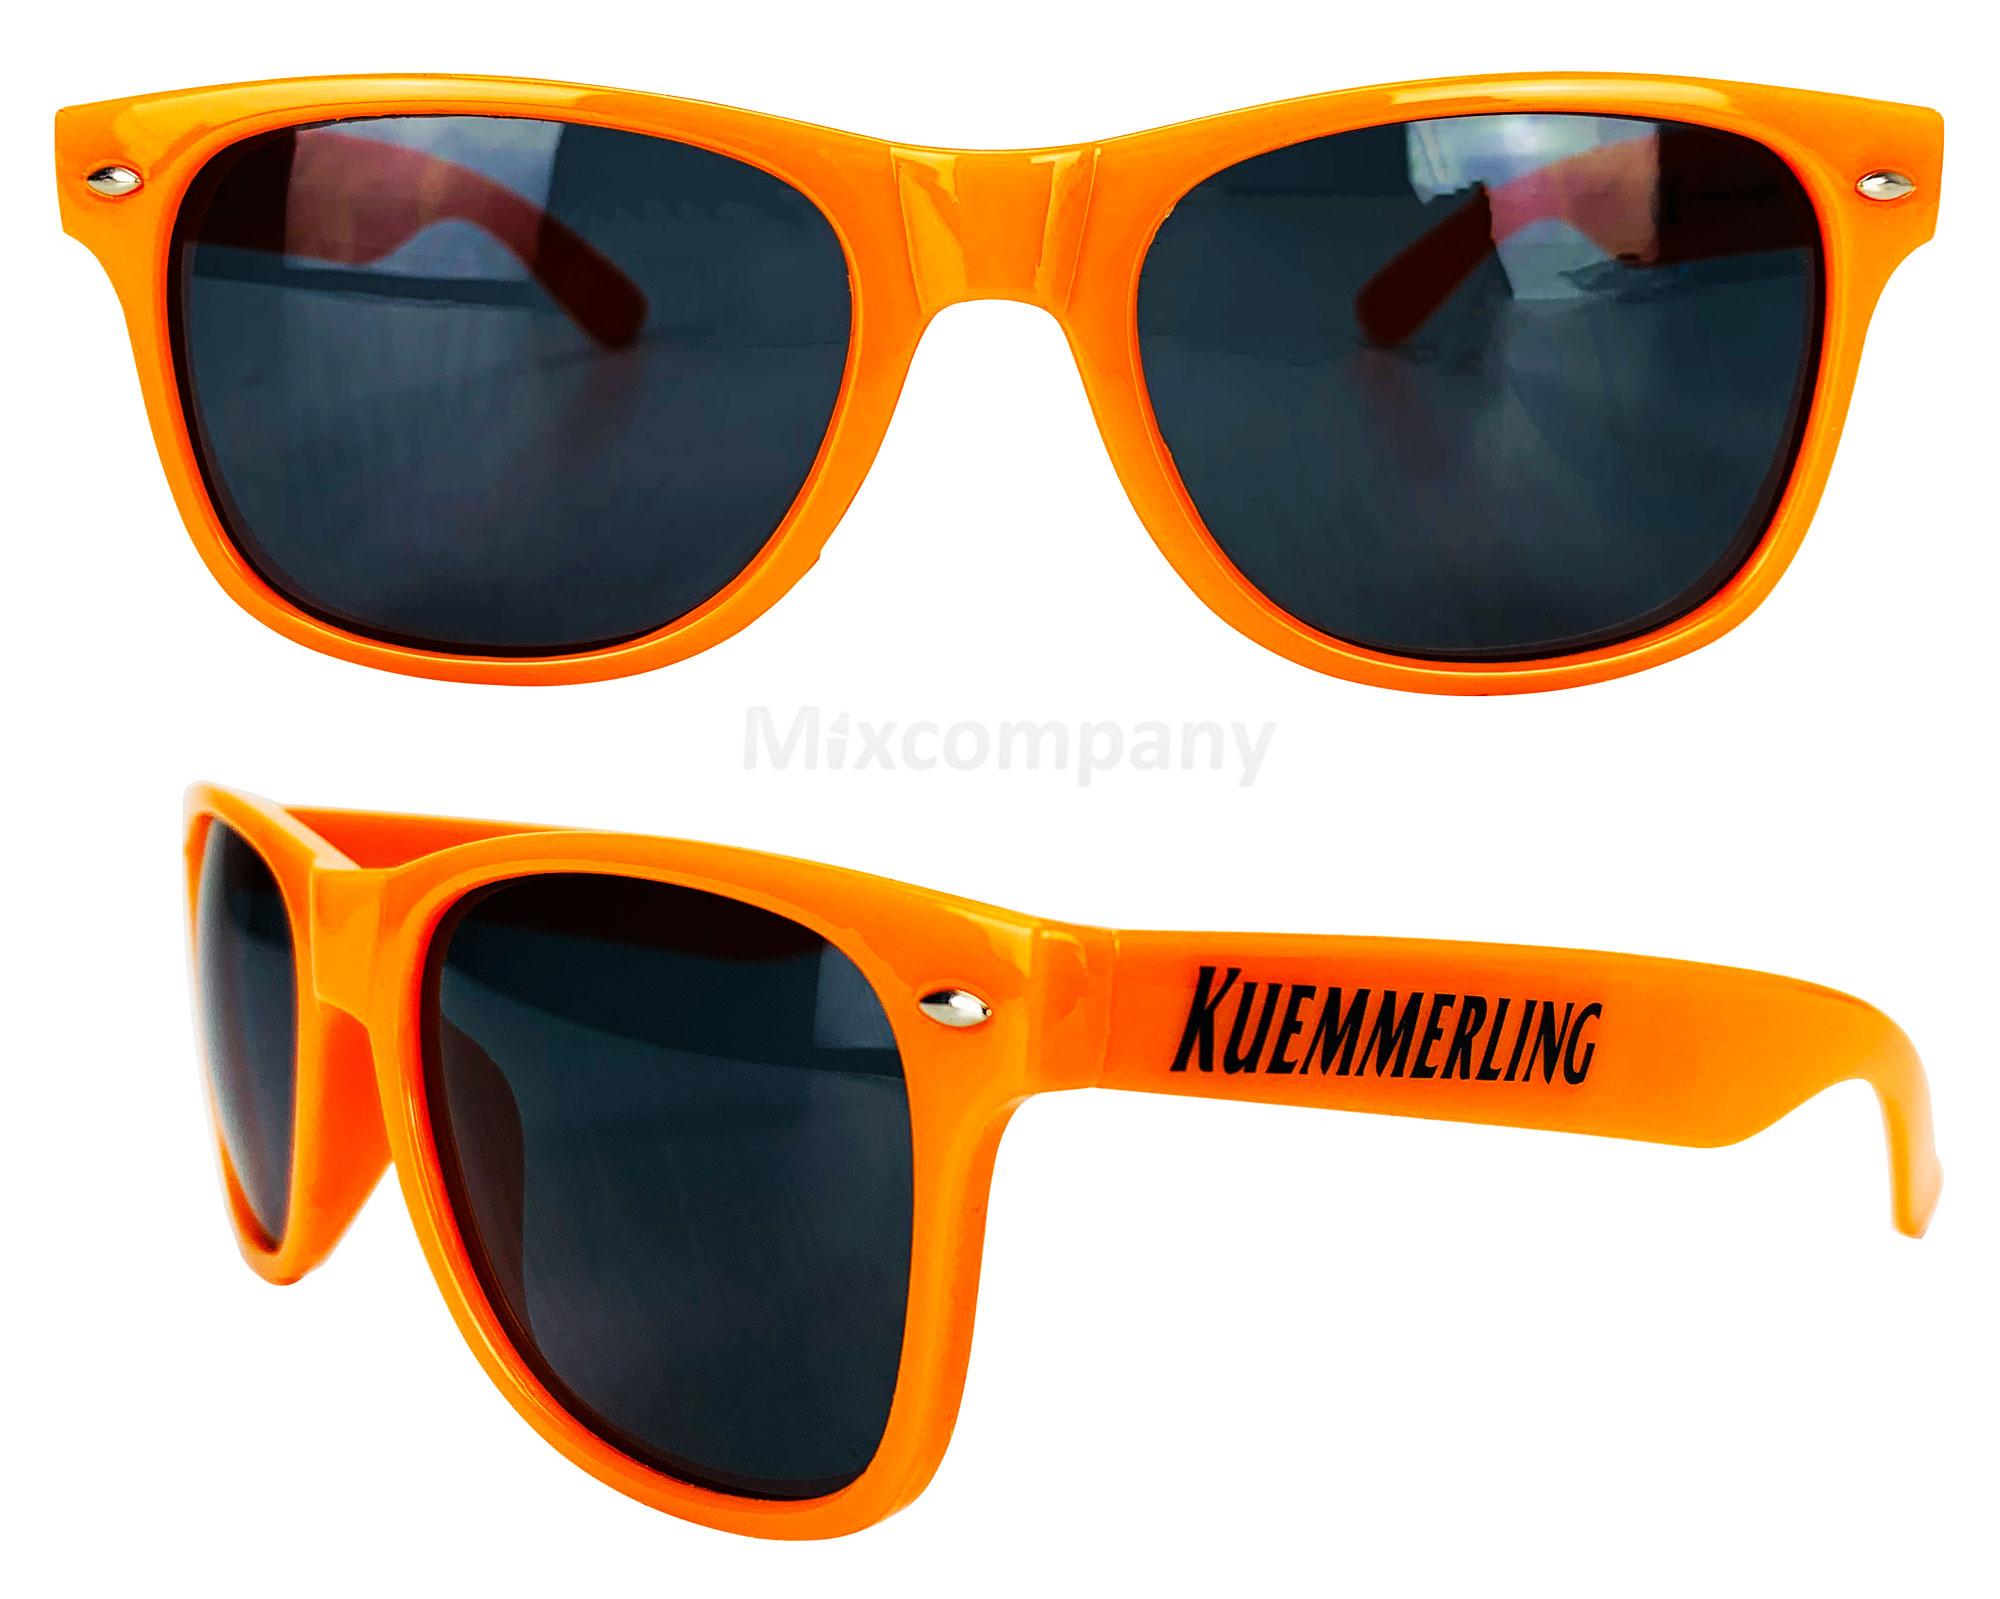 Kuemmerling Nerd Sonnenbrille orange UV400 Unisex Retro Vintage Style Party Festival Bar